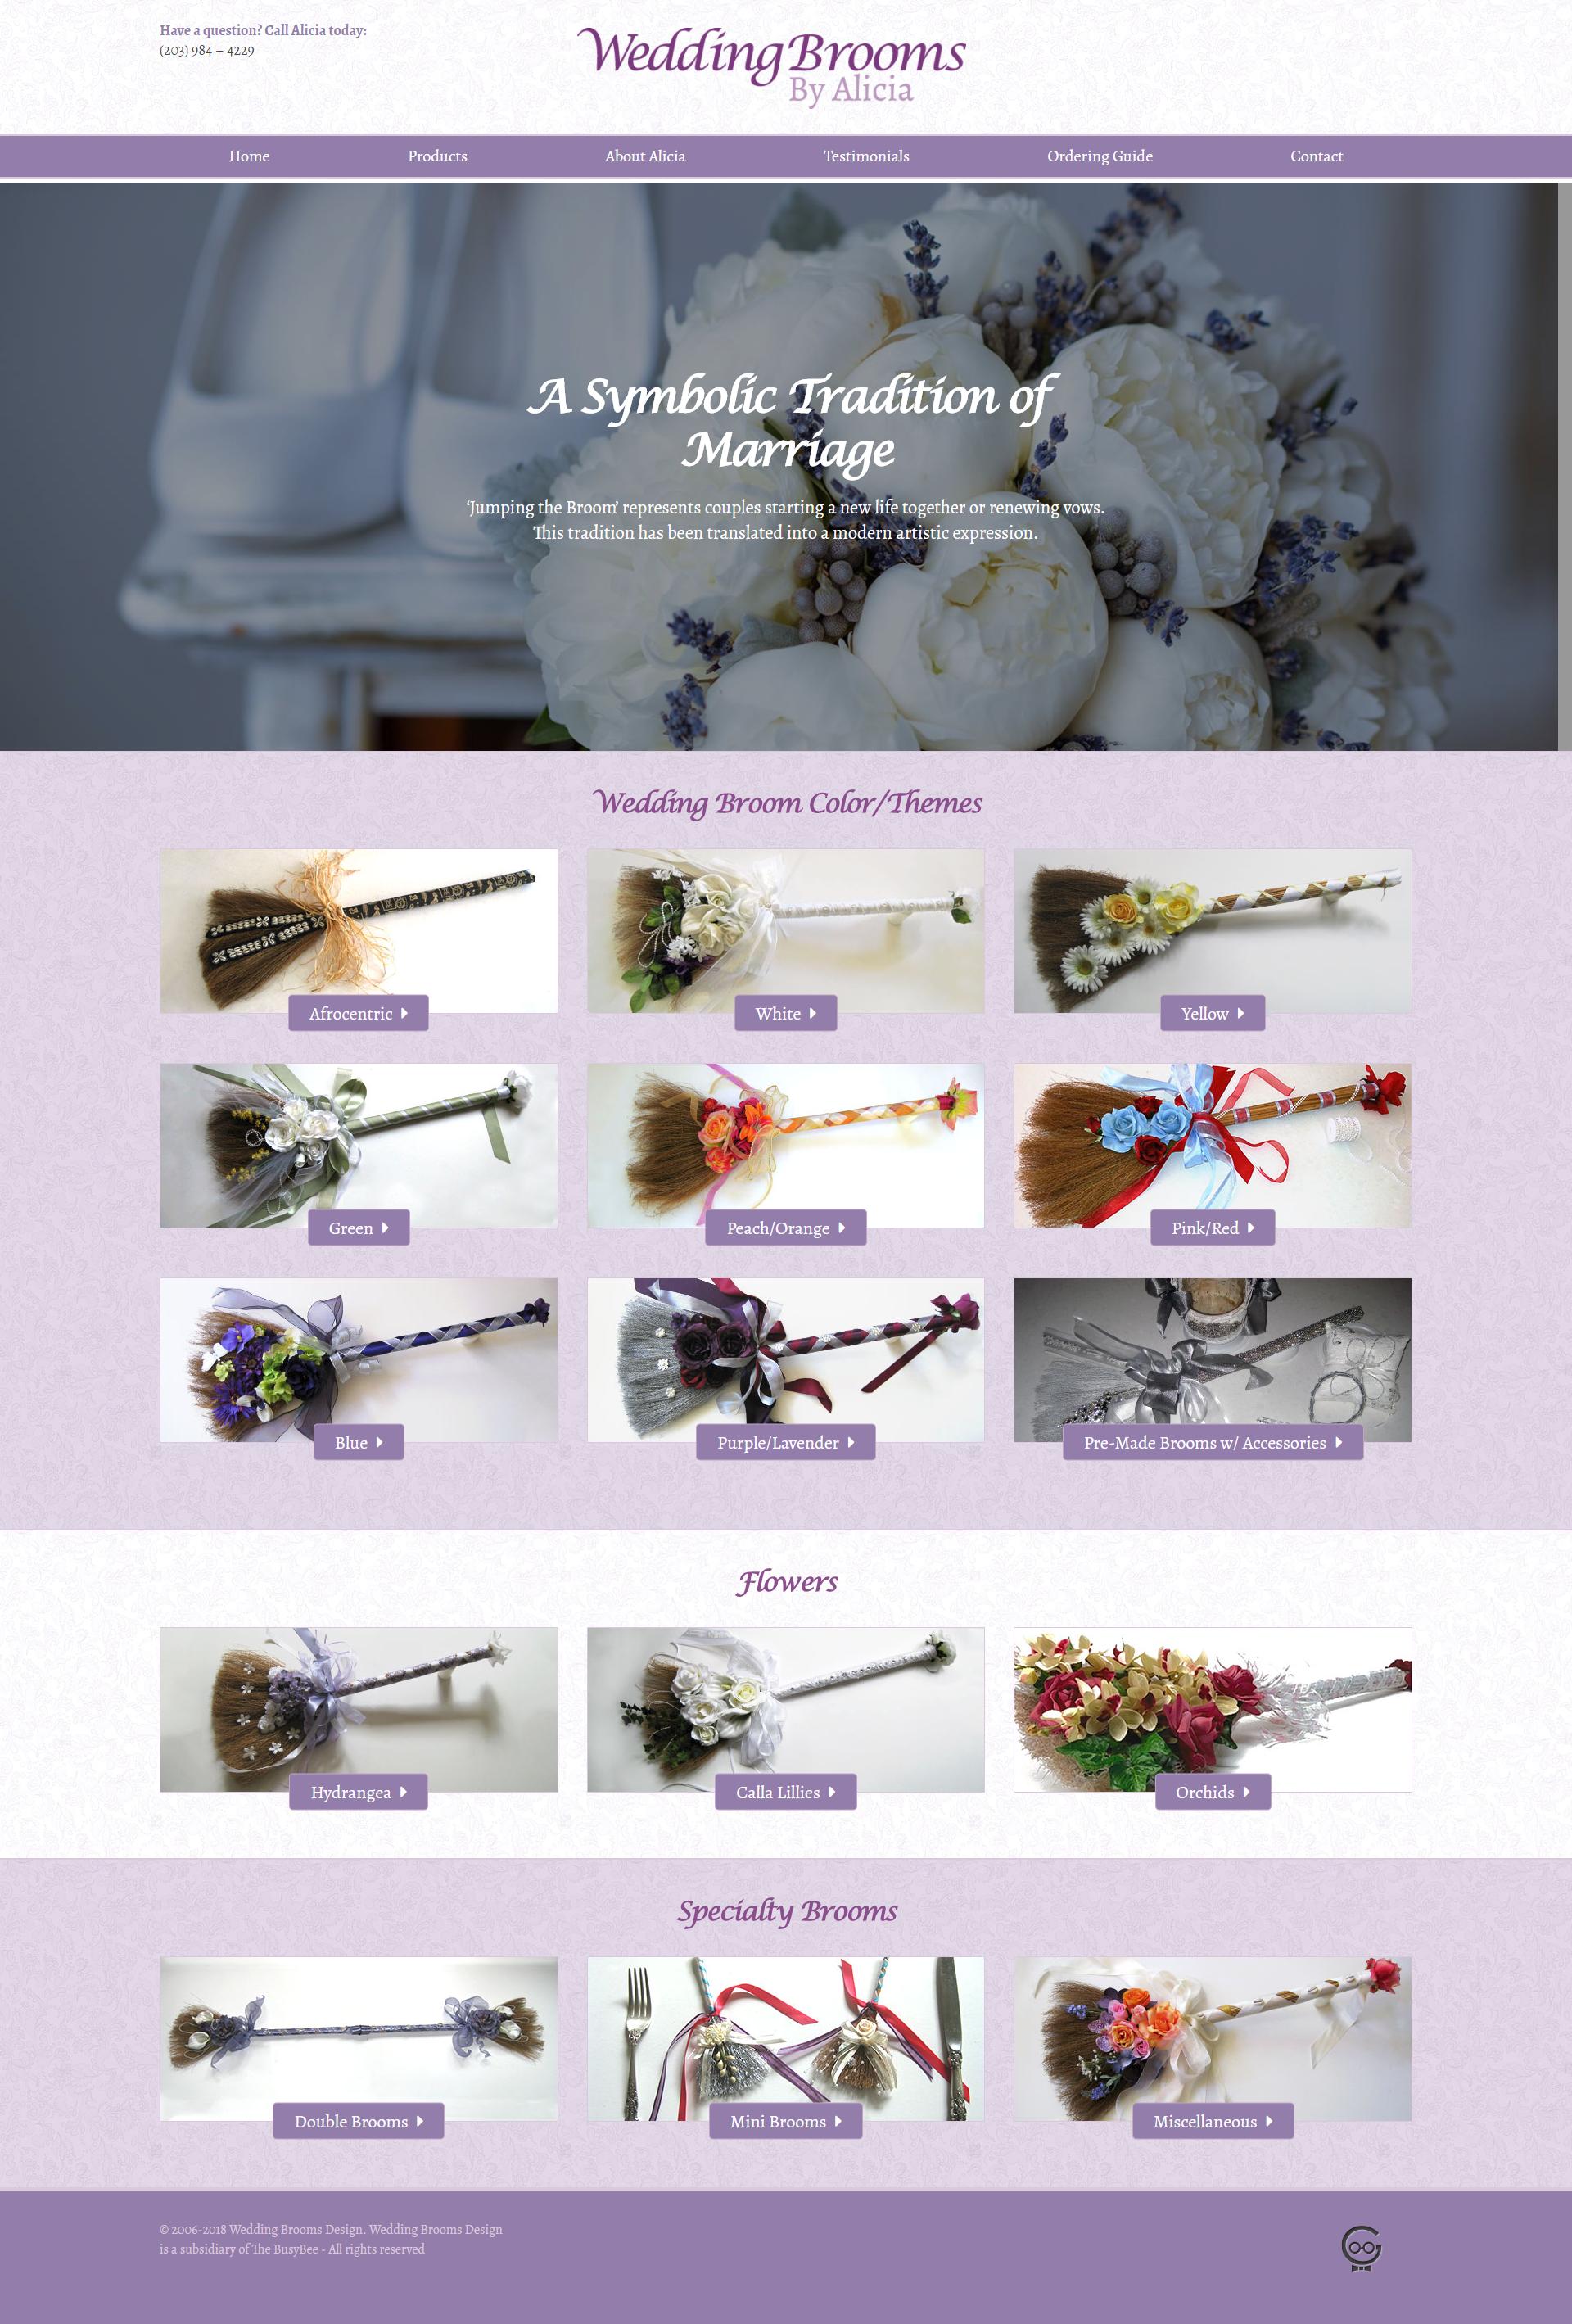 Wedding Brooms By Alicia